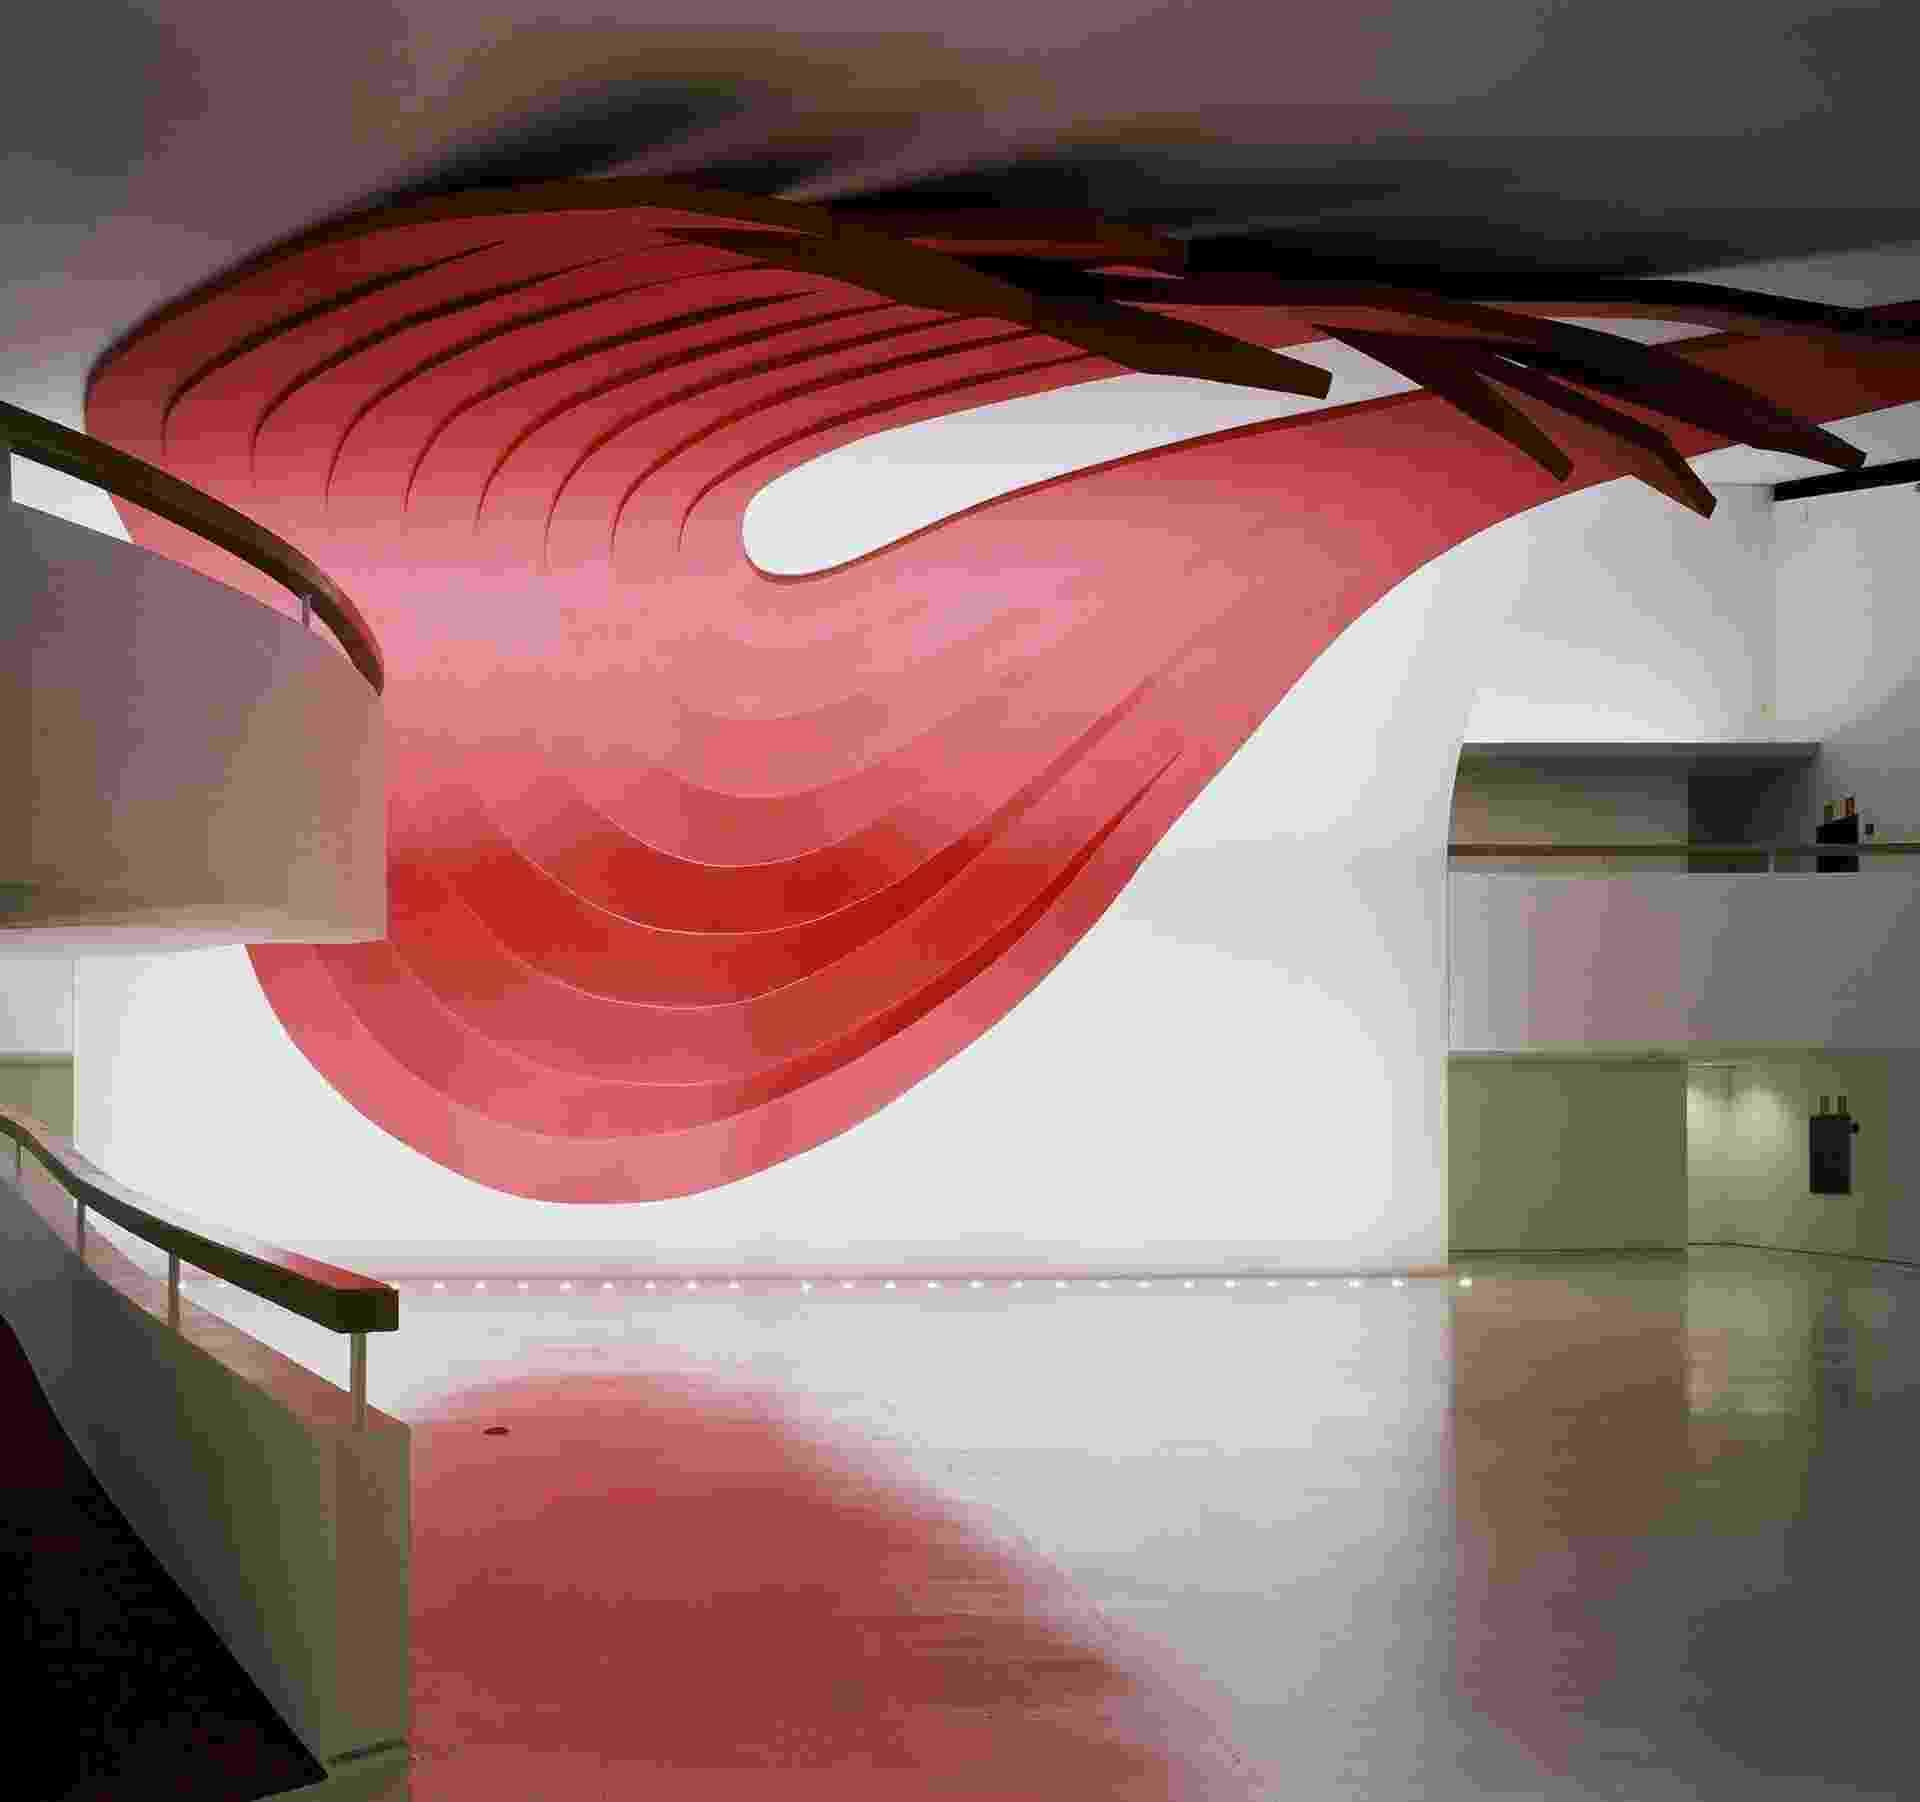 Obra de Tomie Ohtake no Auditório Ibirapuera, em São Paulo (2004) - Reprodução